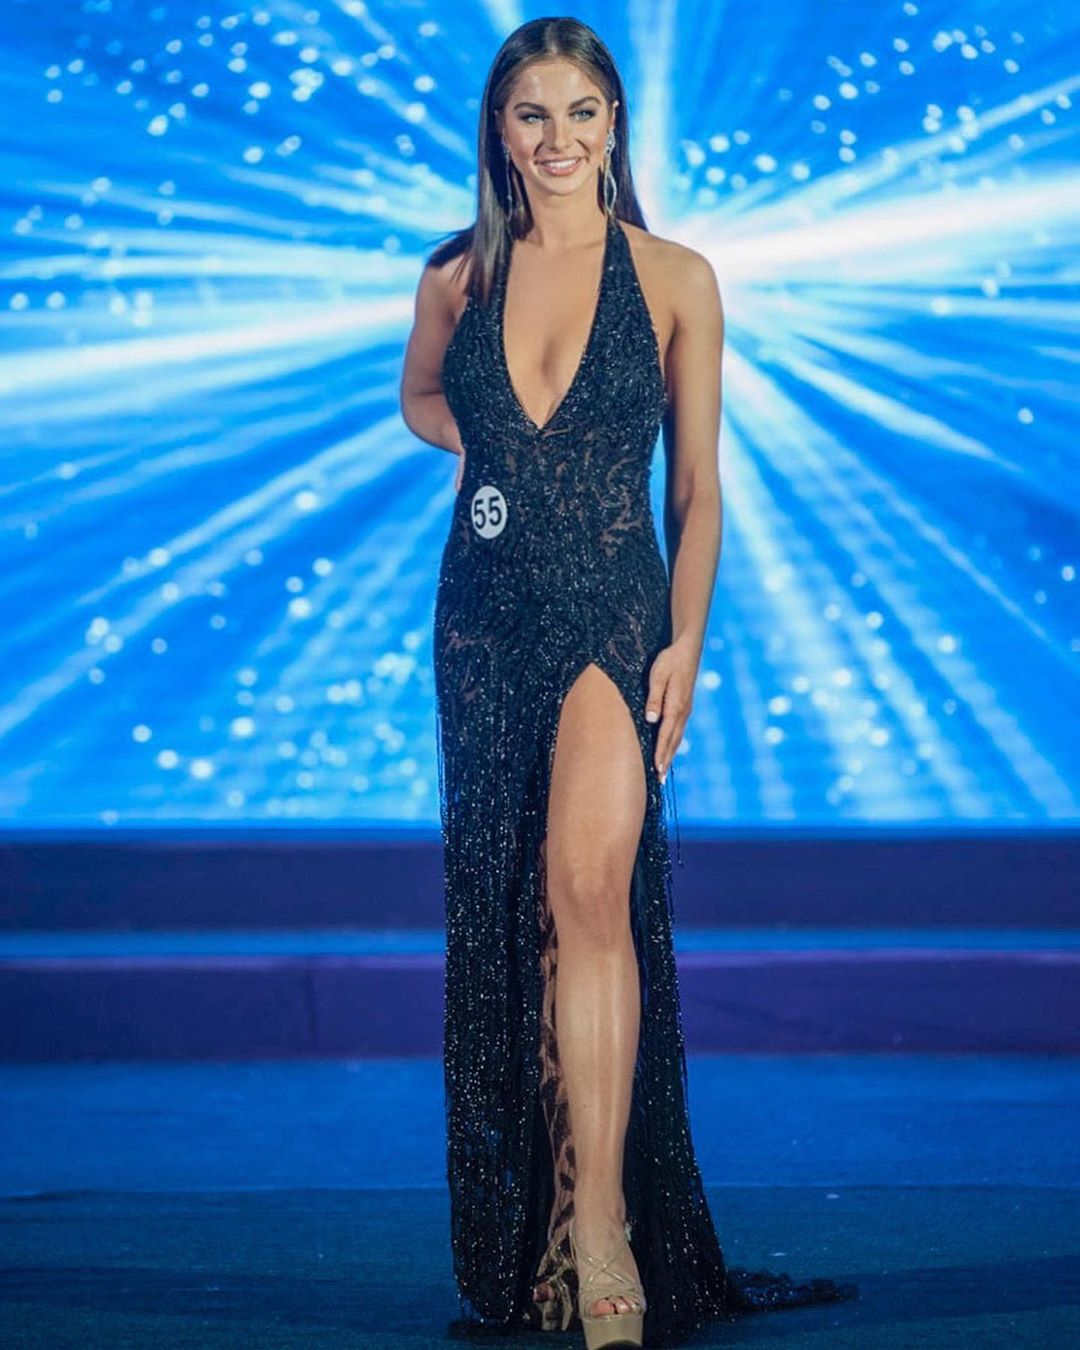 candidatas a miss usa 2020. final: 9 nov. - Página 13 Jcz3sfsu